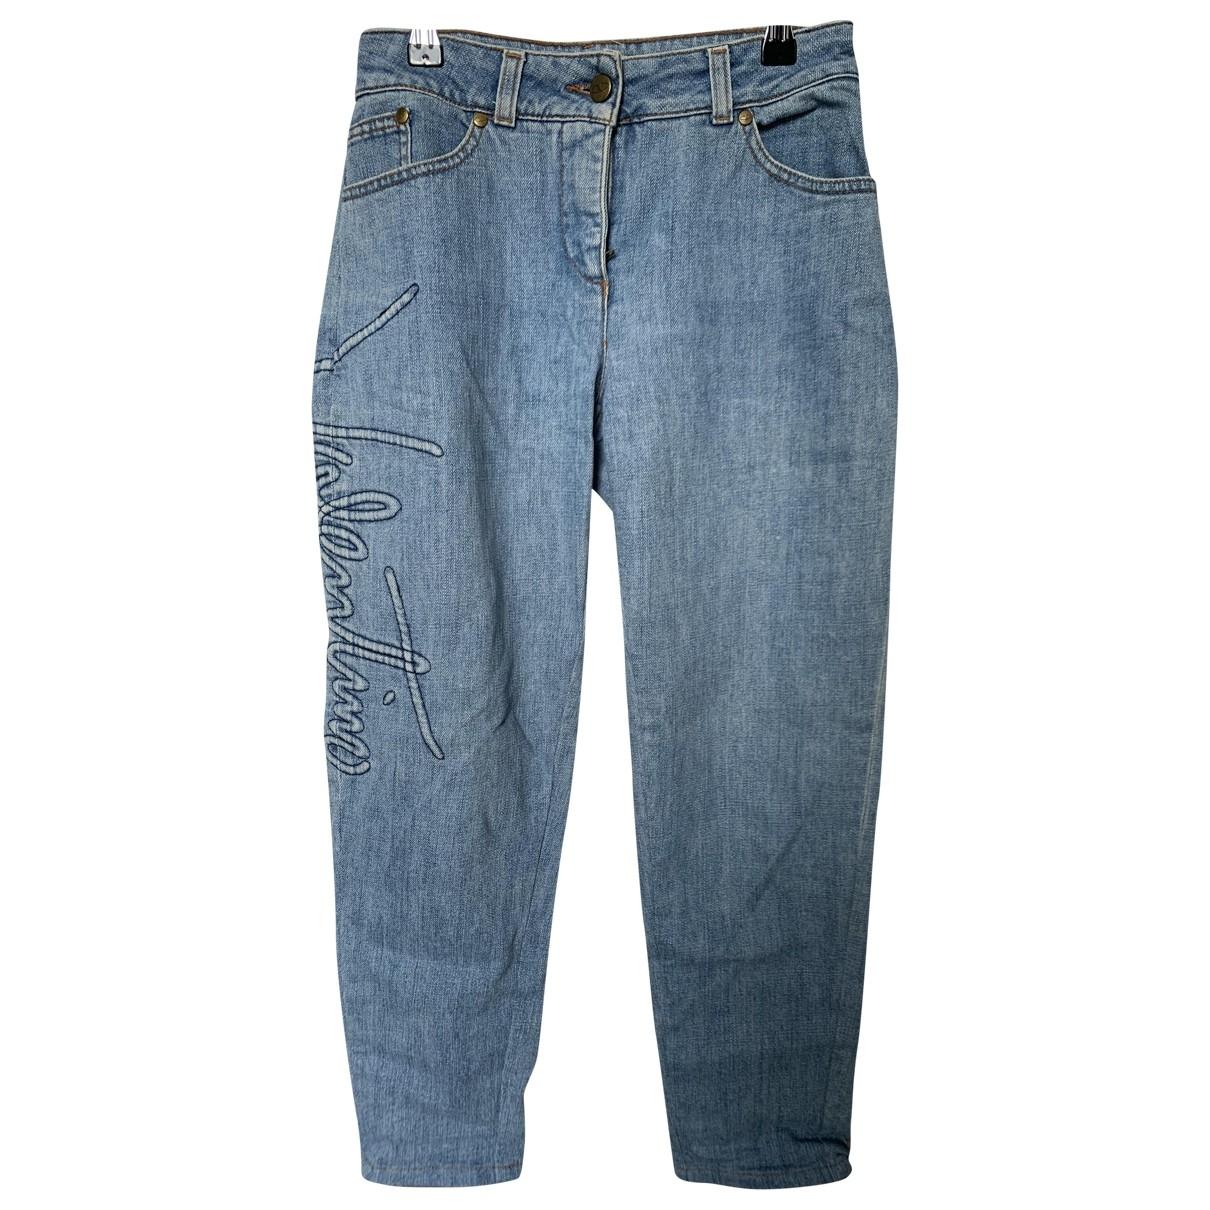 Valentino Garavani \N Blue Denim - Jeans Jeans for Women 34 FR